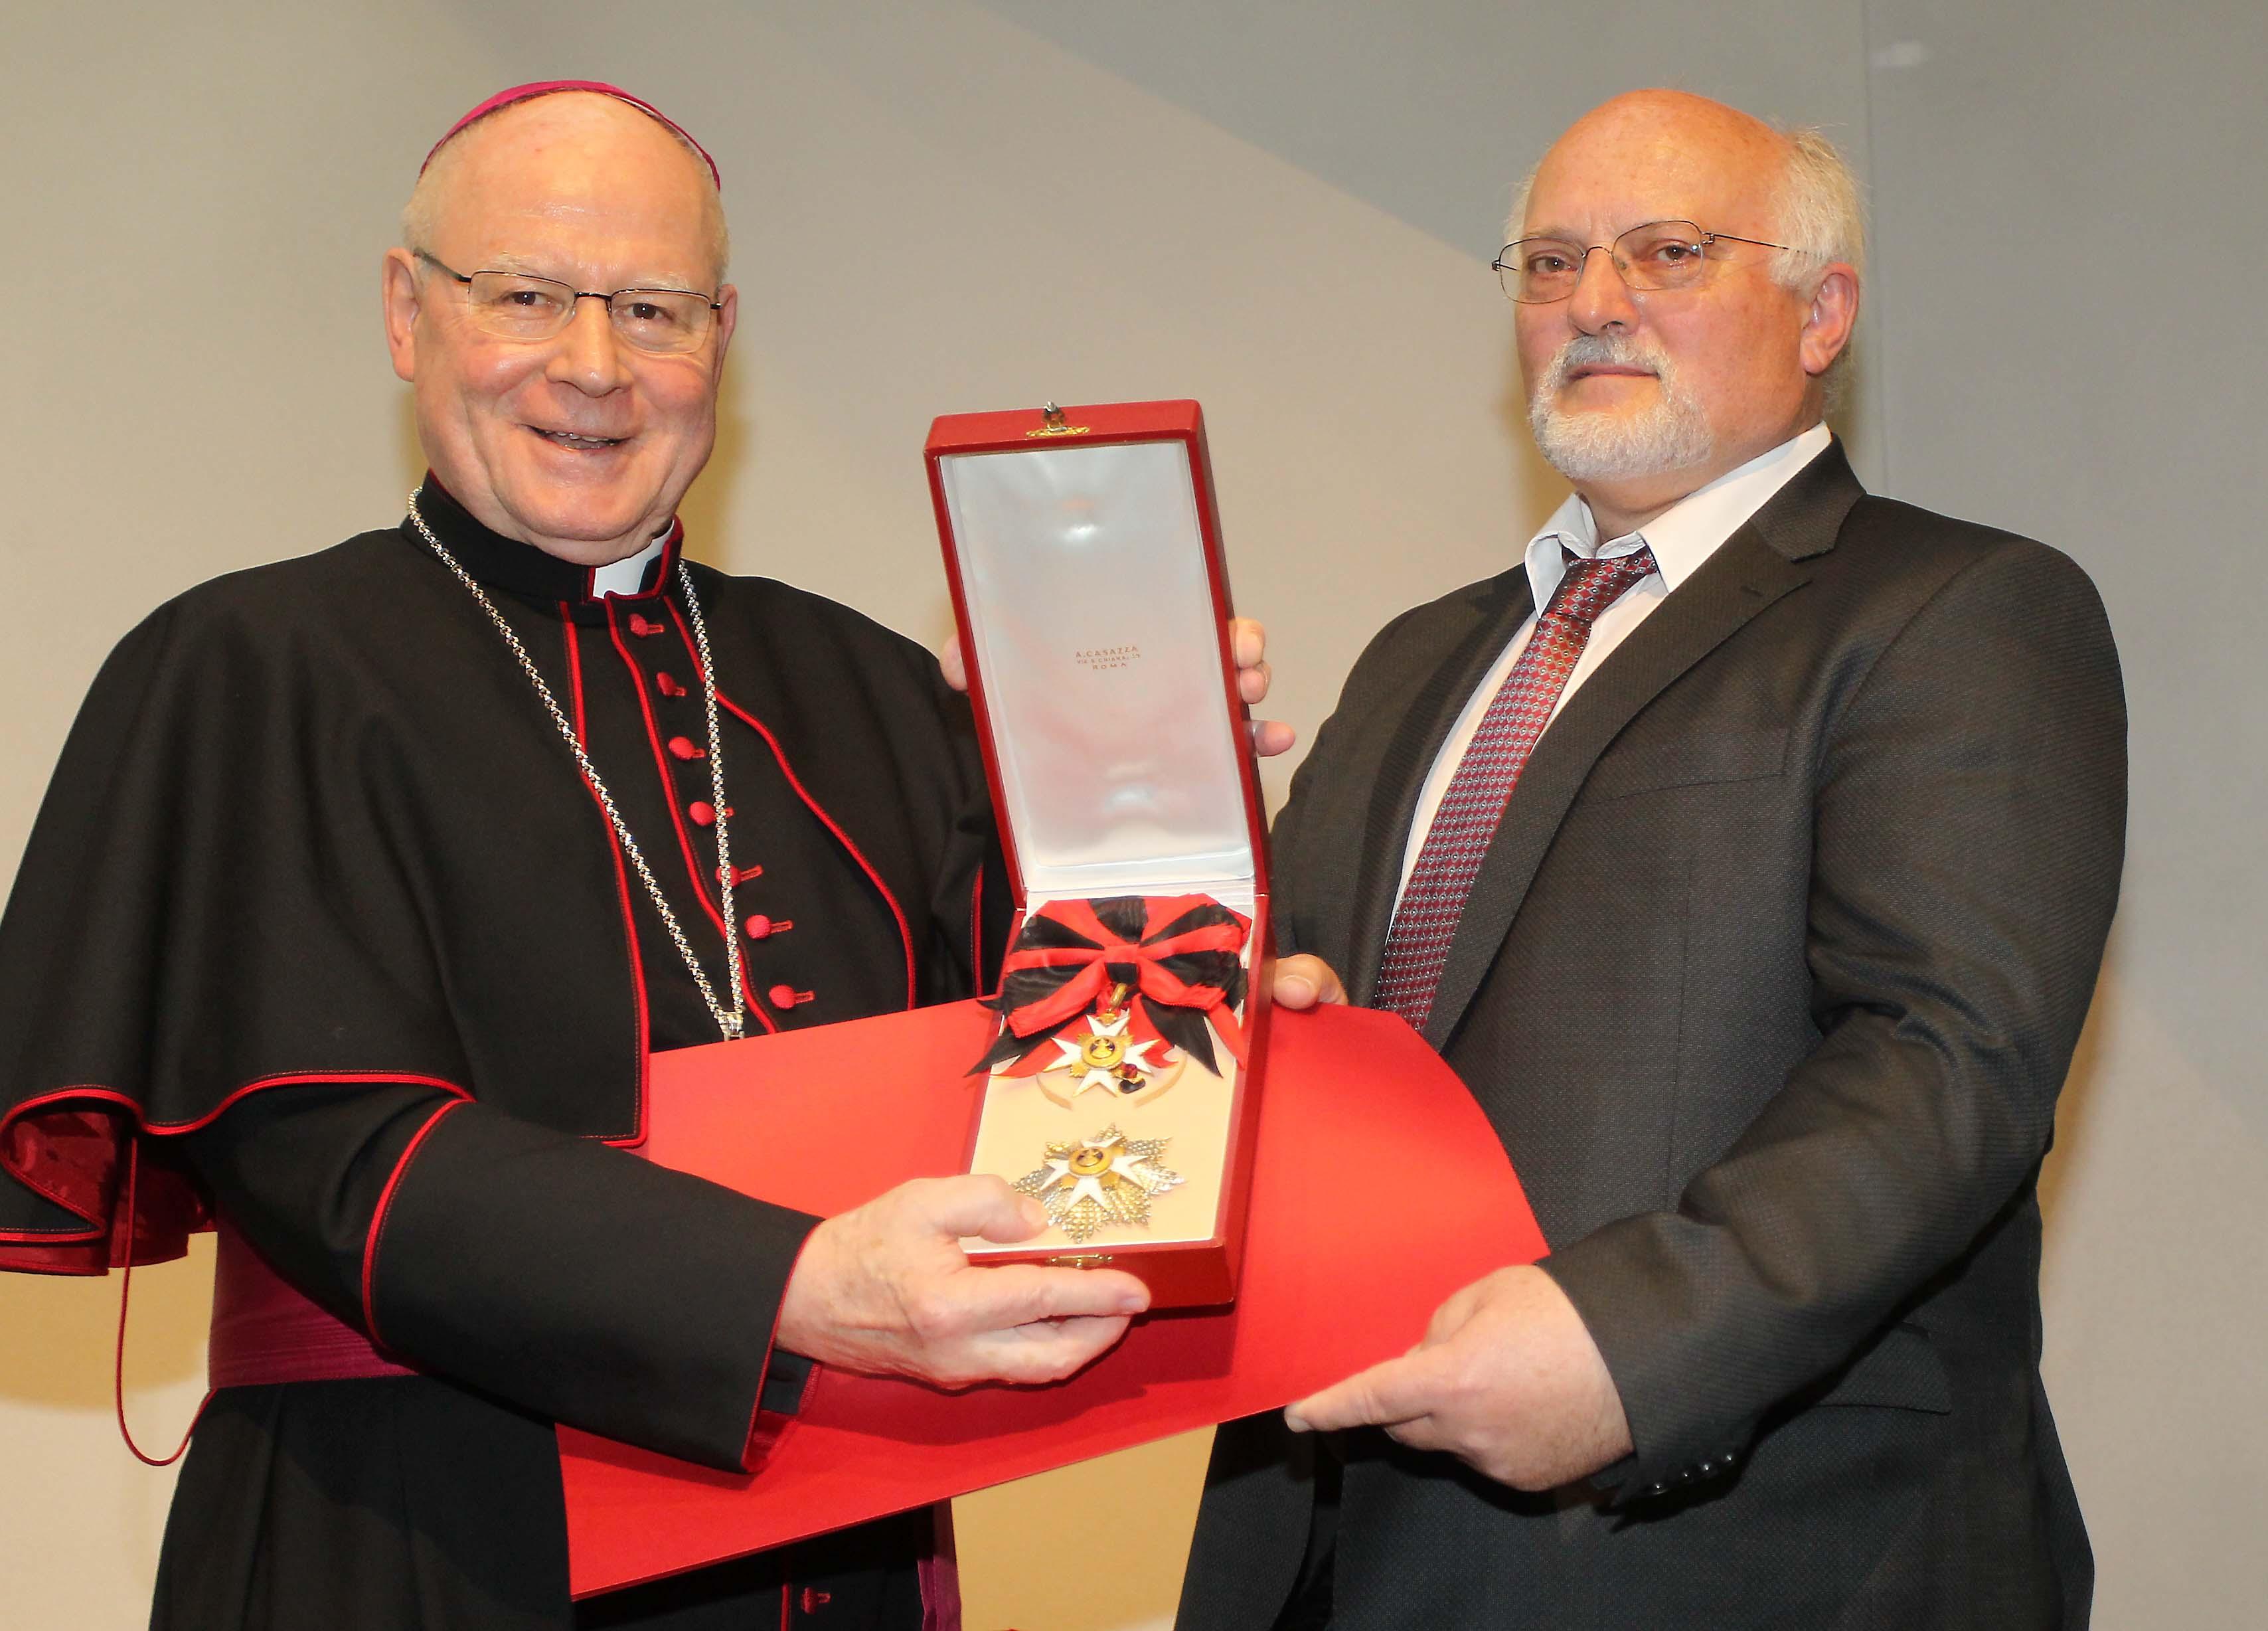 Josef Binder bekam von Bischof Konrad den Silvesterorden überreicht: (Foto: Annette Zoepf/pba).